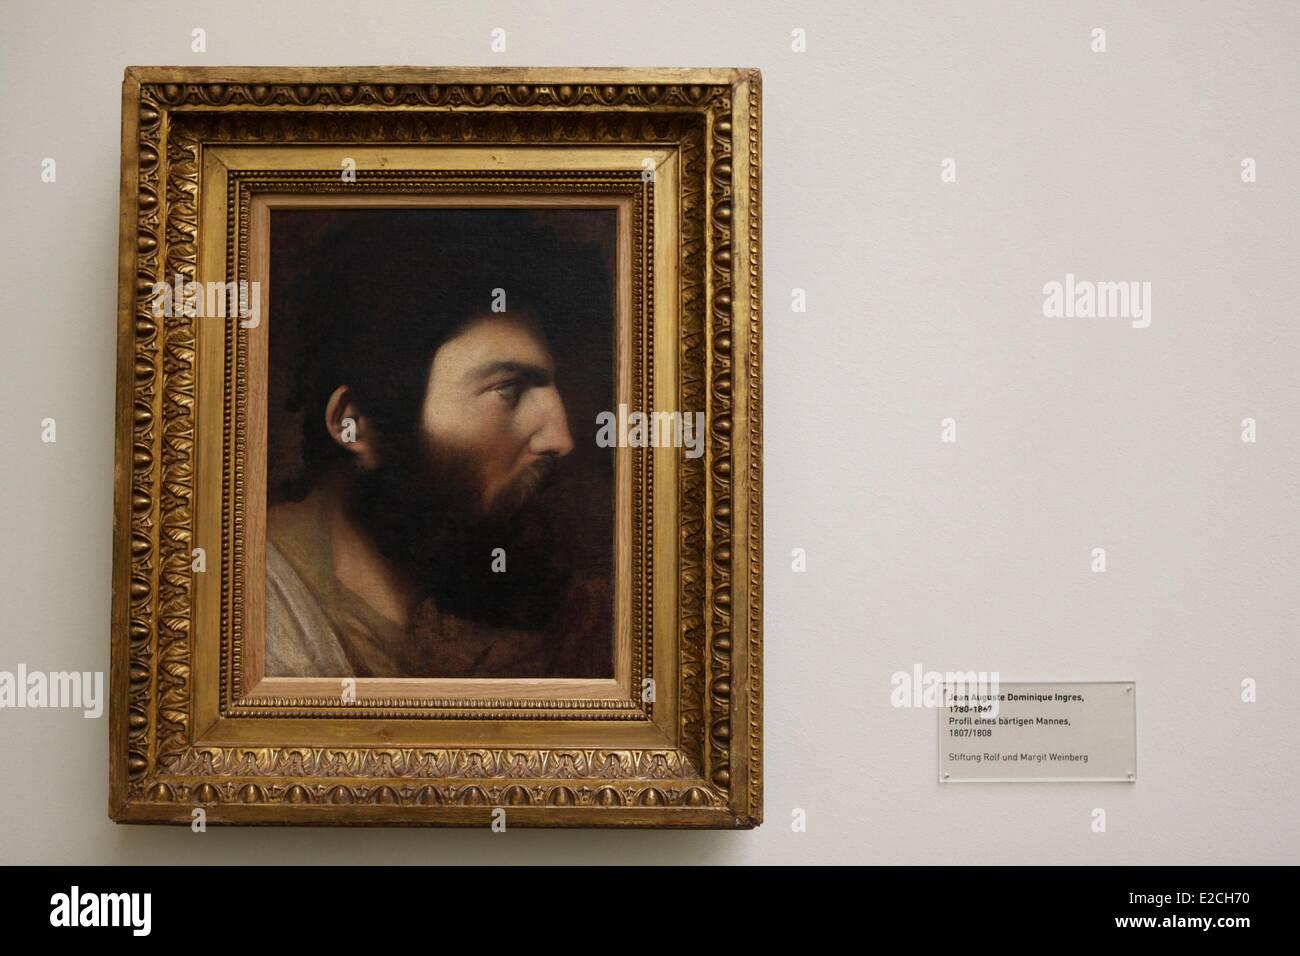 La Svizzera, Zurigo, Kunsthaus (Museo di Arte Moderna), Ingres, Ritratto di un uomo barbuto Immagini Stock